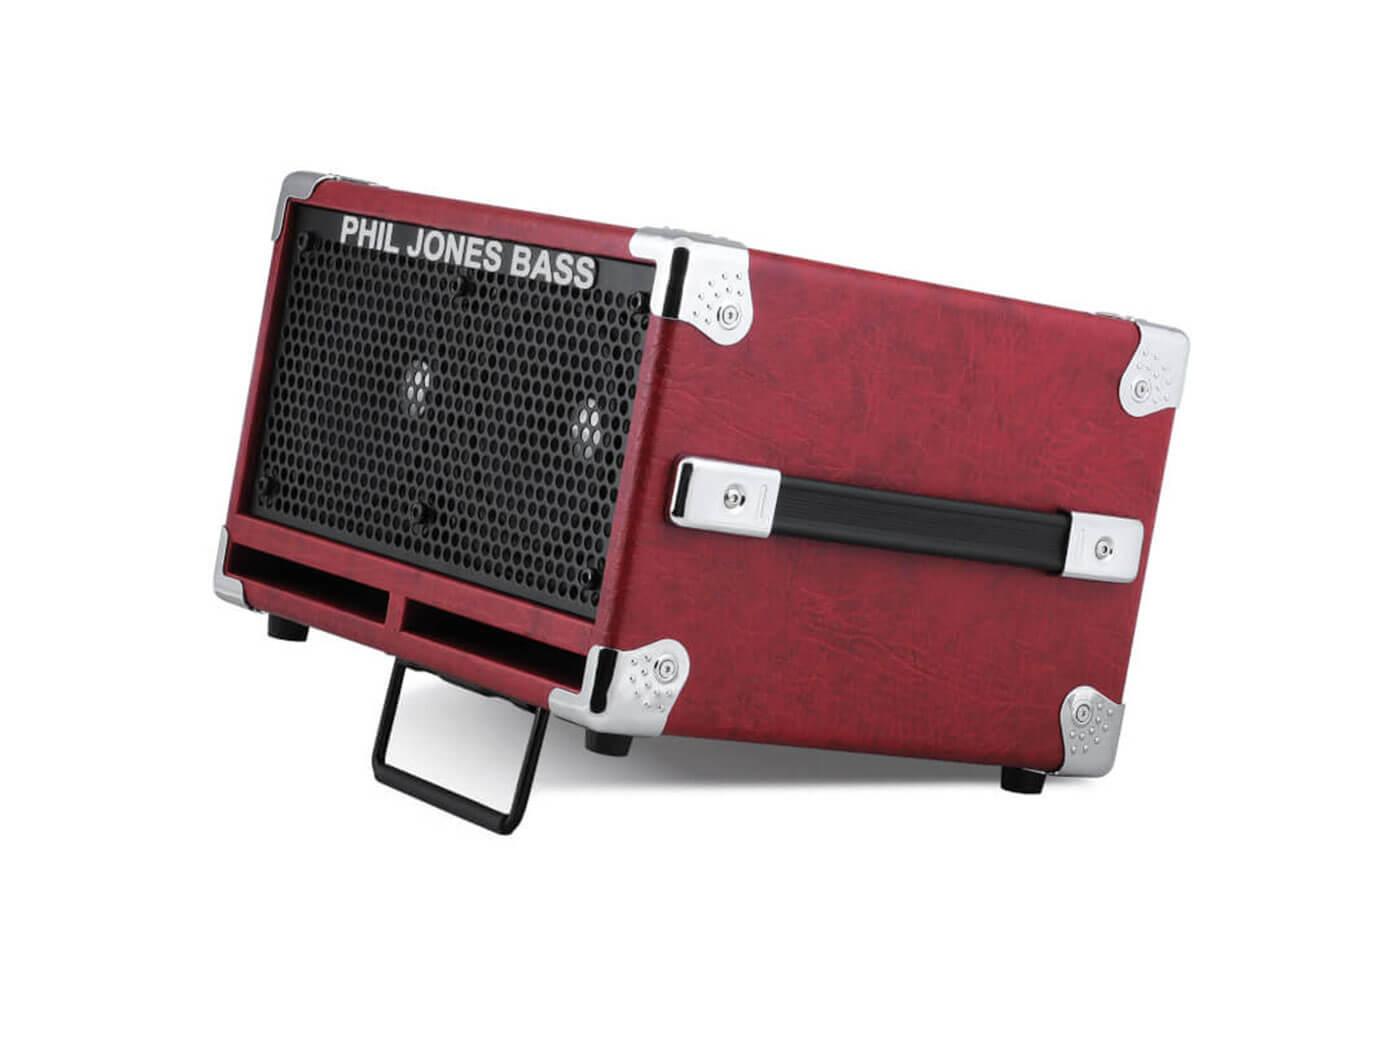 Phil Jones Bass' Bass Cub II